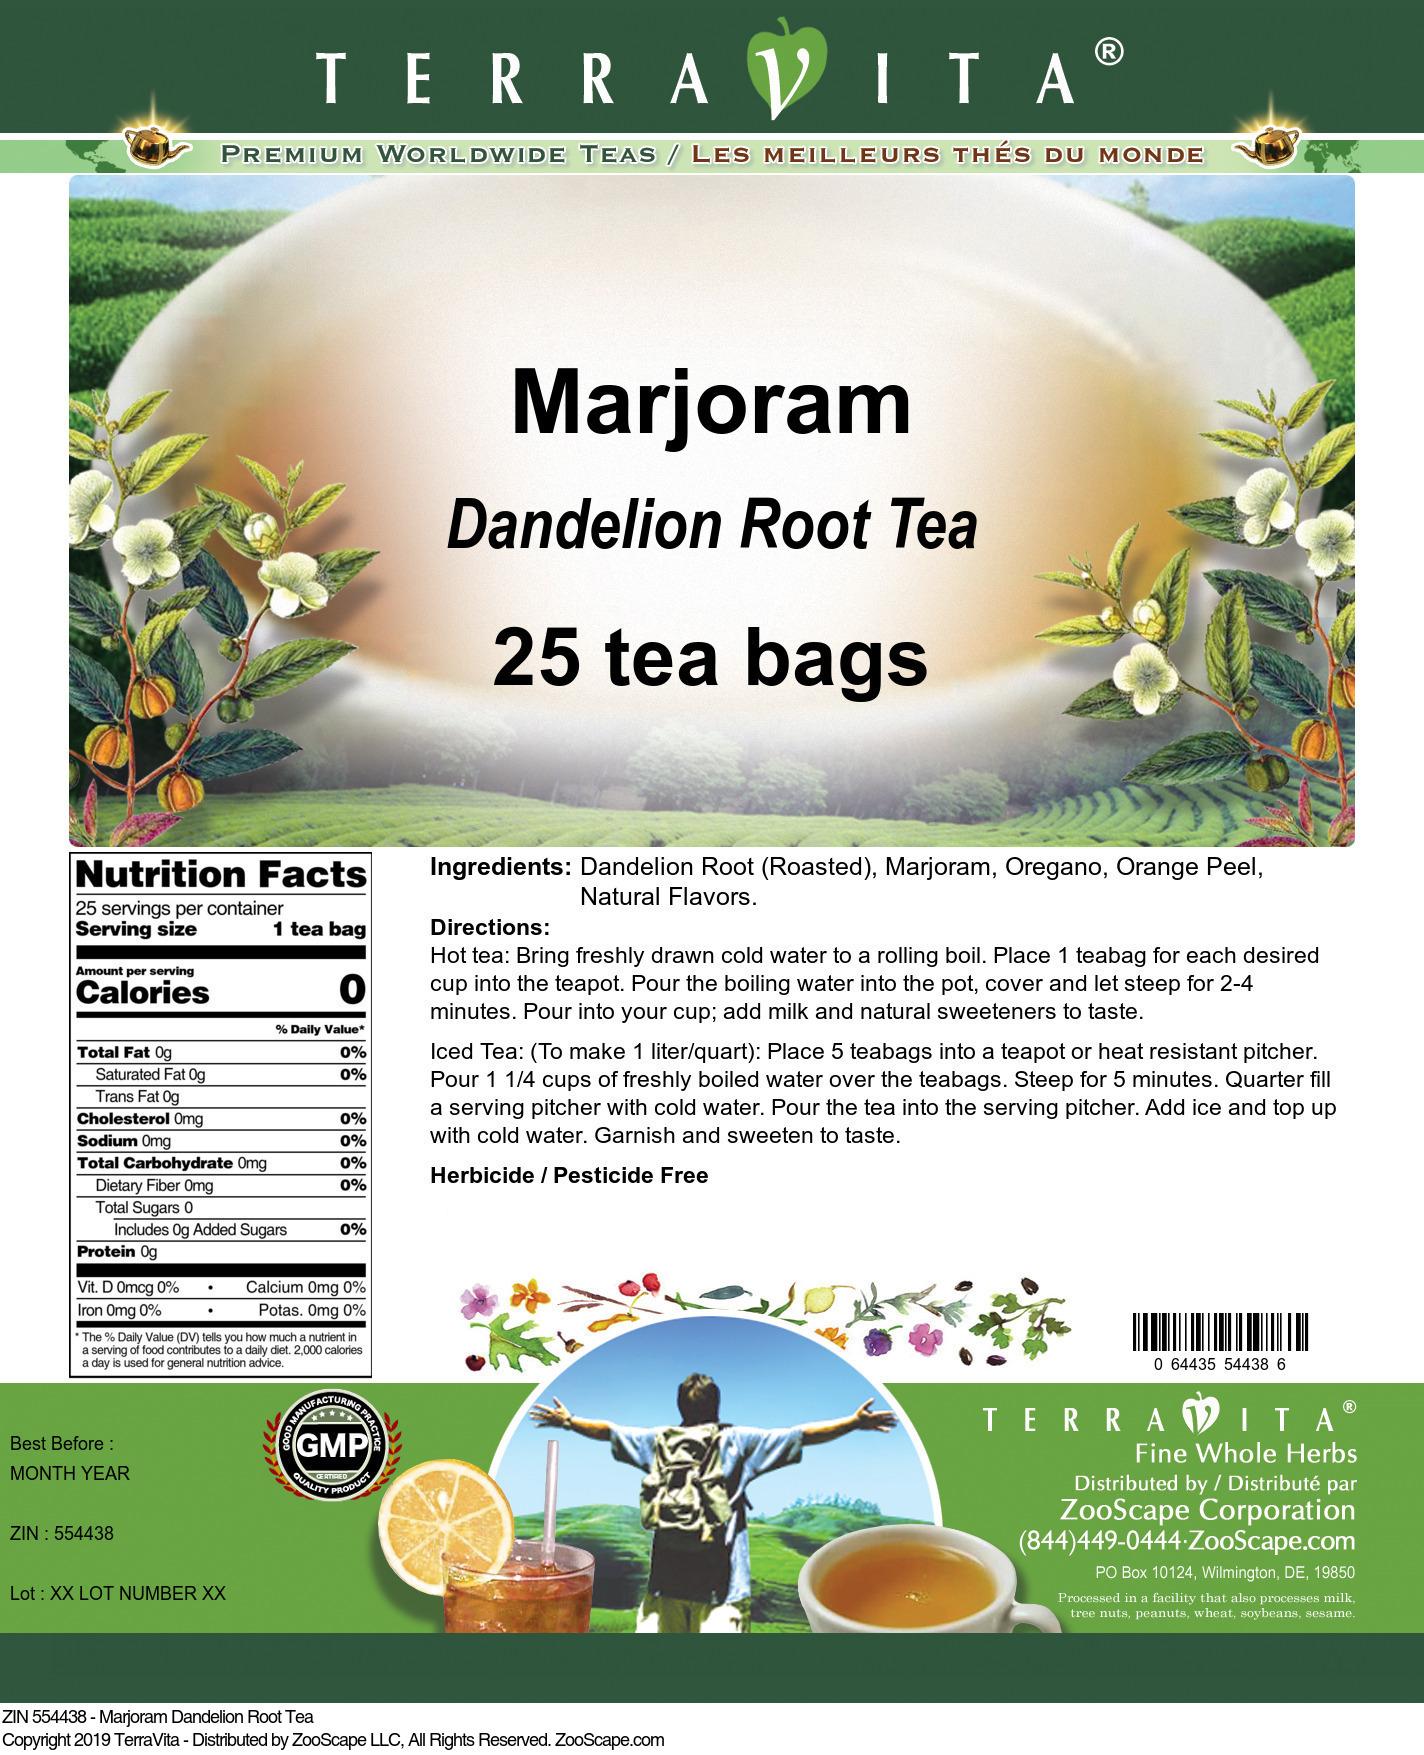 Marjoram Dandelion Root Tea